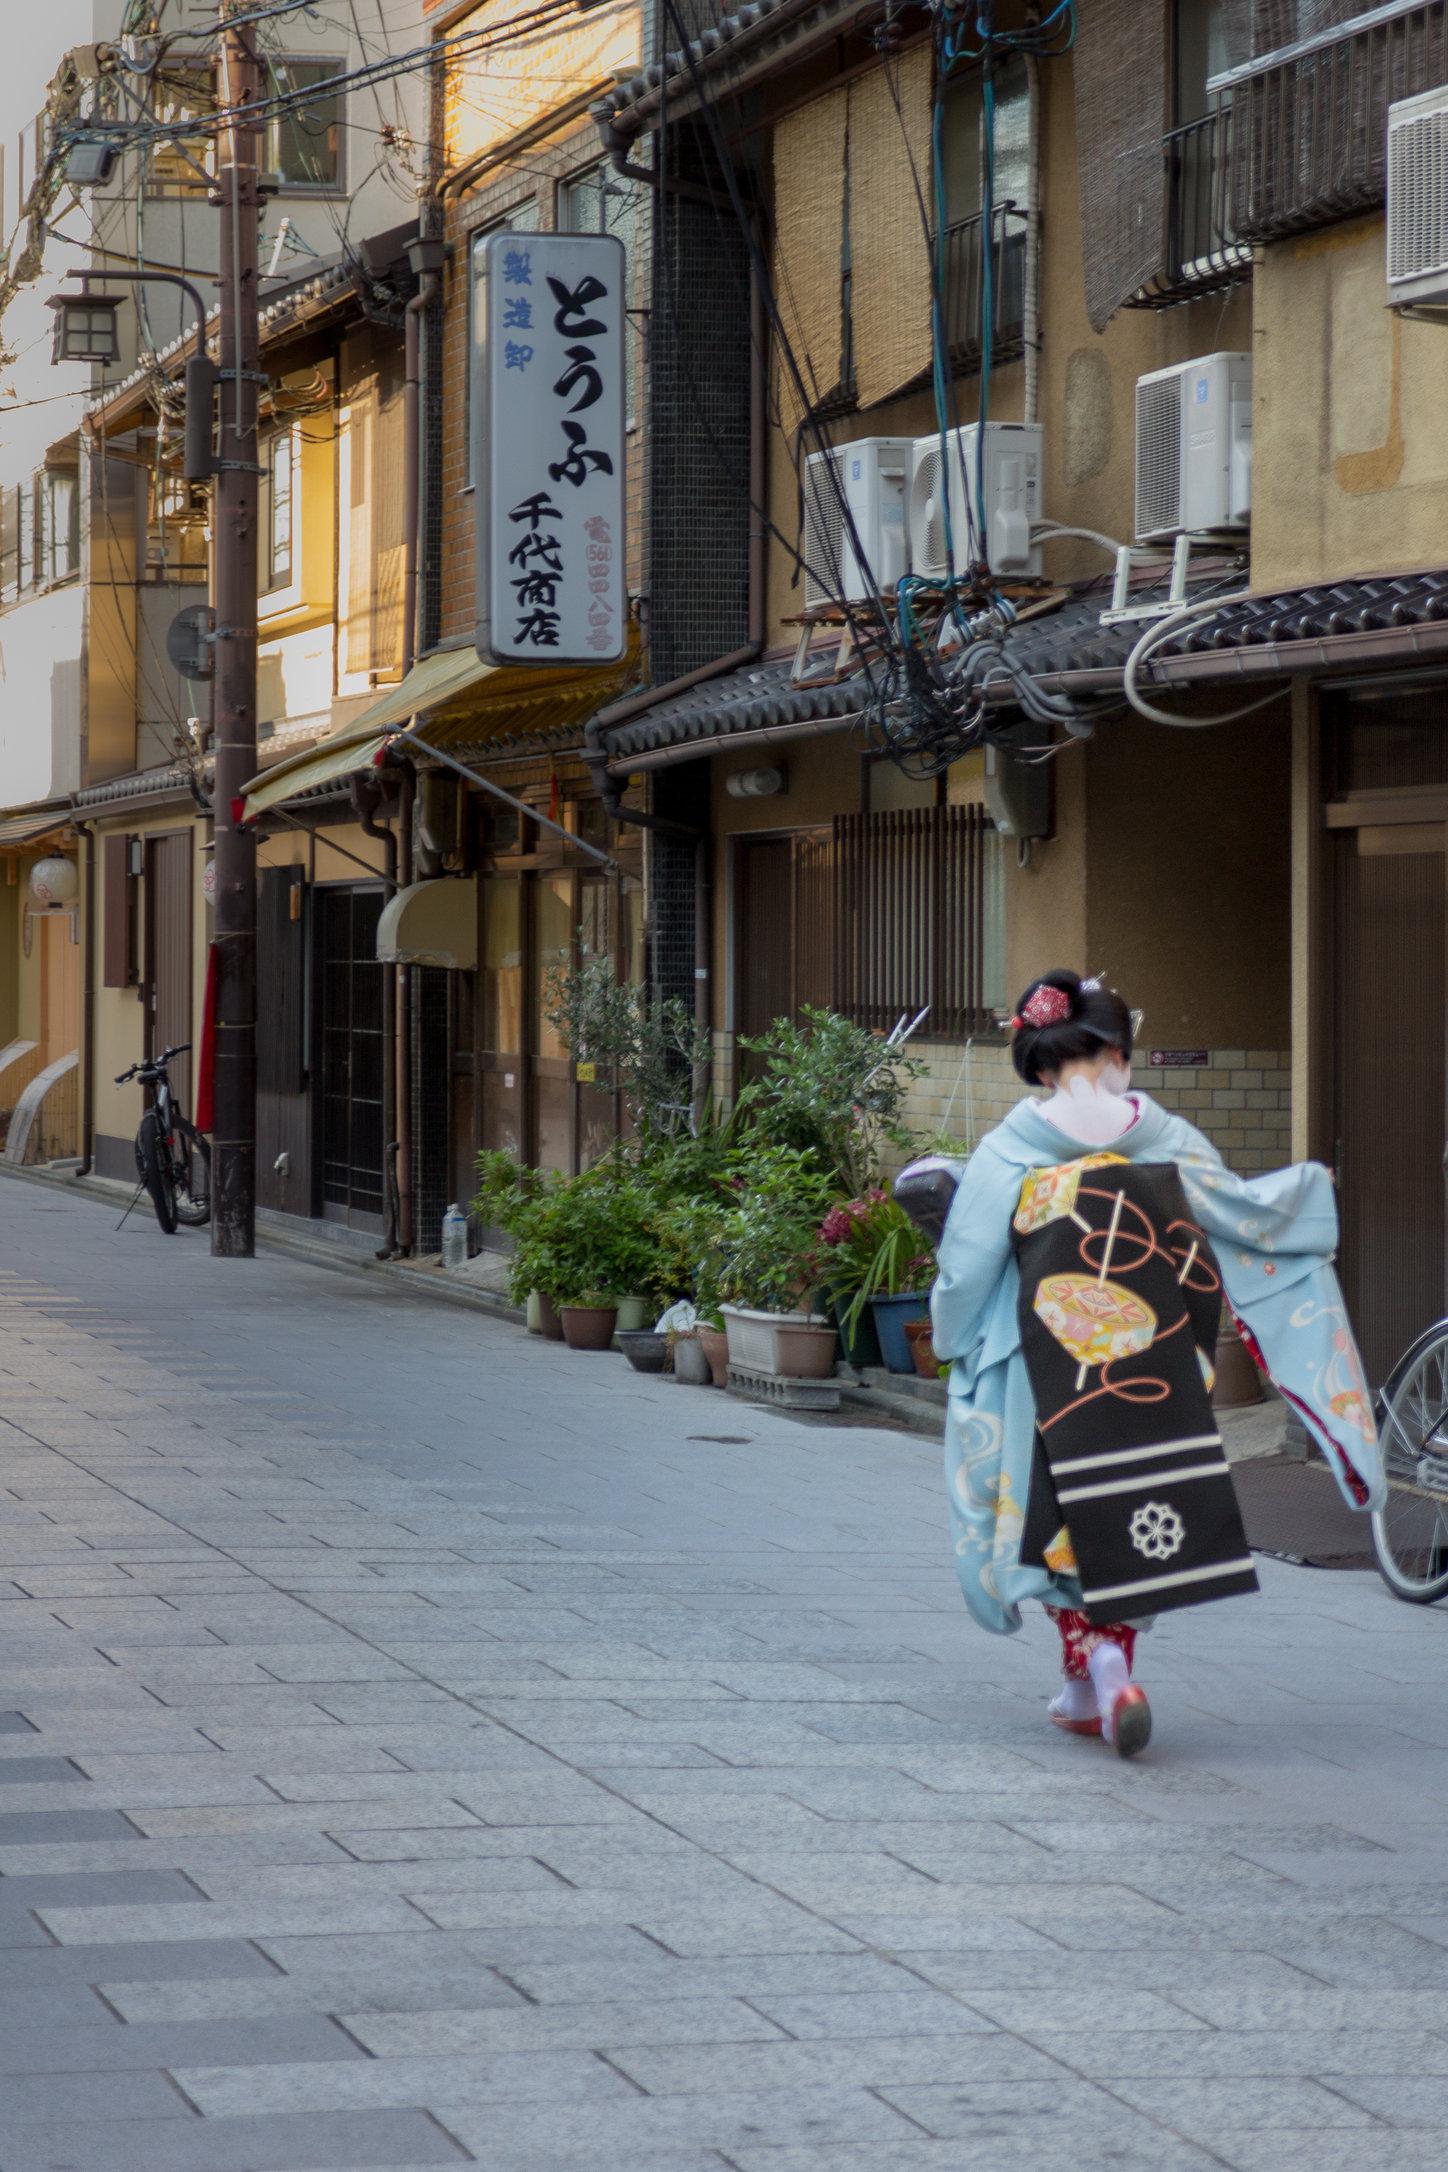 180522_Japan-0628.jpg